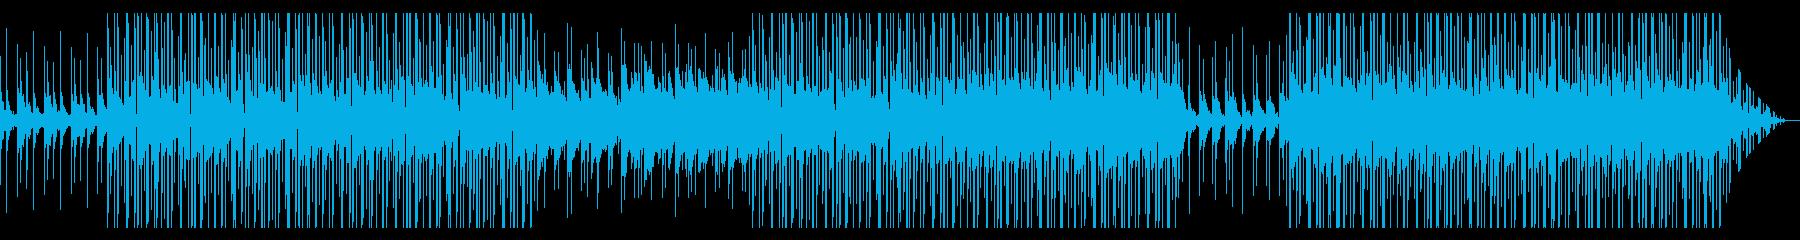 寒い冬の中の暖かさ アコギ ローファイの再生済みの波形